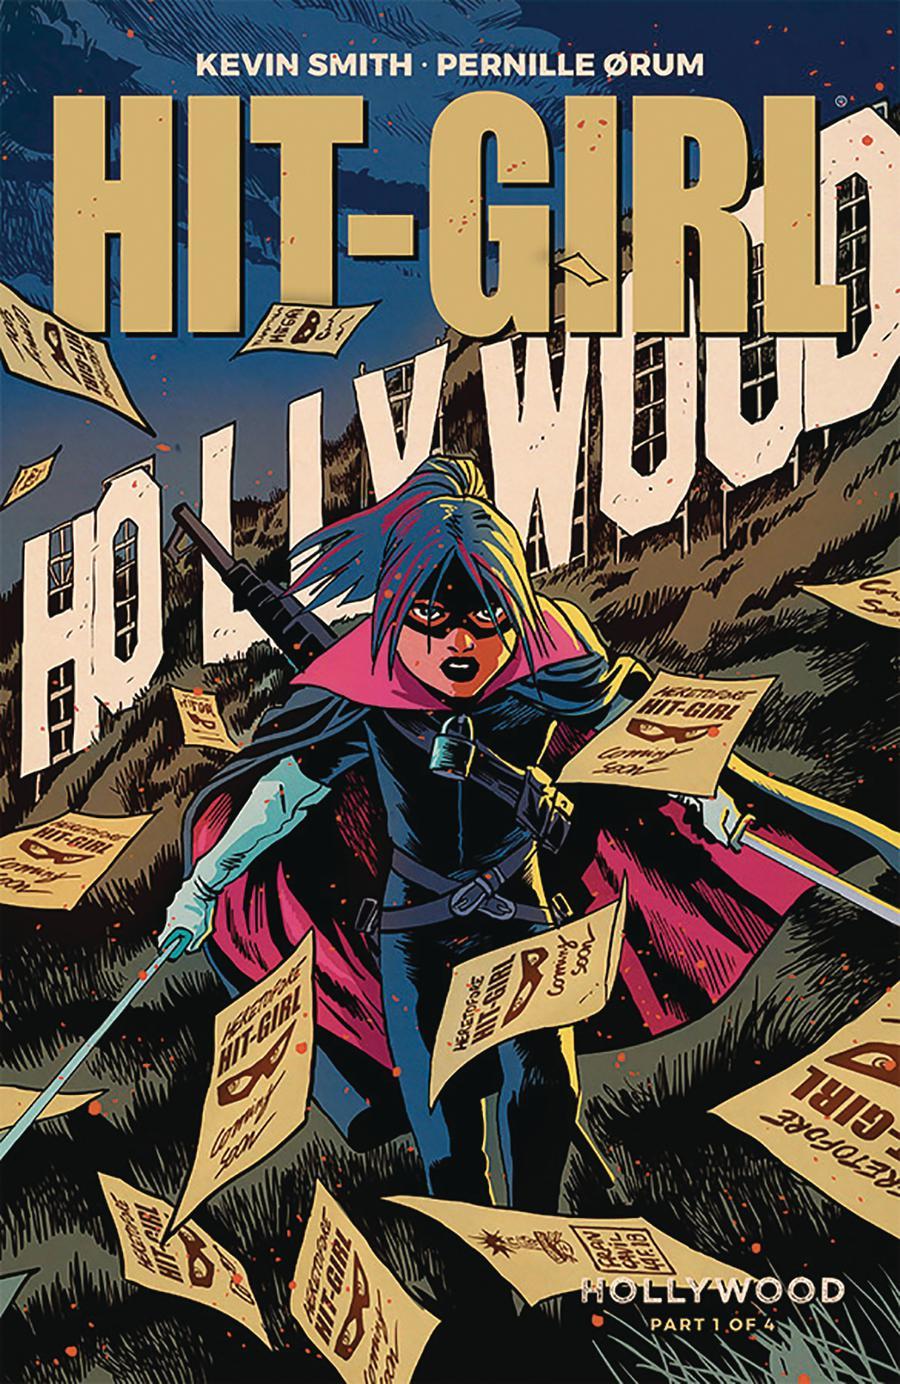 Hit-Girl Vol 2 Season 2 #1 Cover A Regular Francesco Francavilla Color Cover